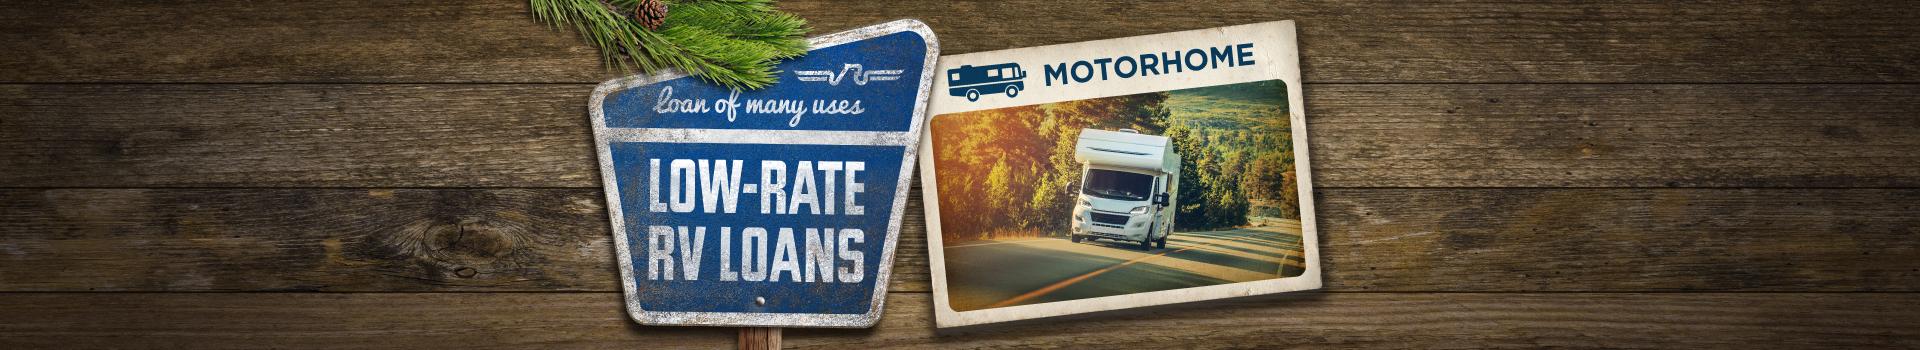 rv.motorycle loans